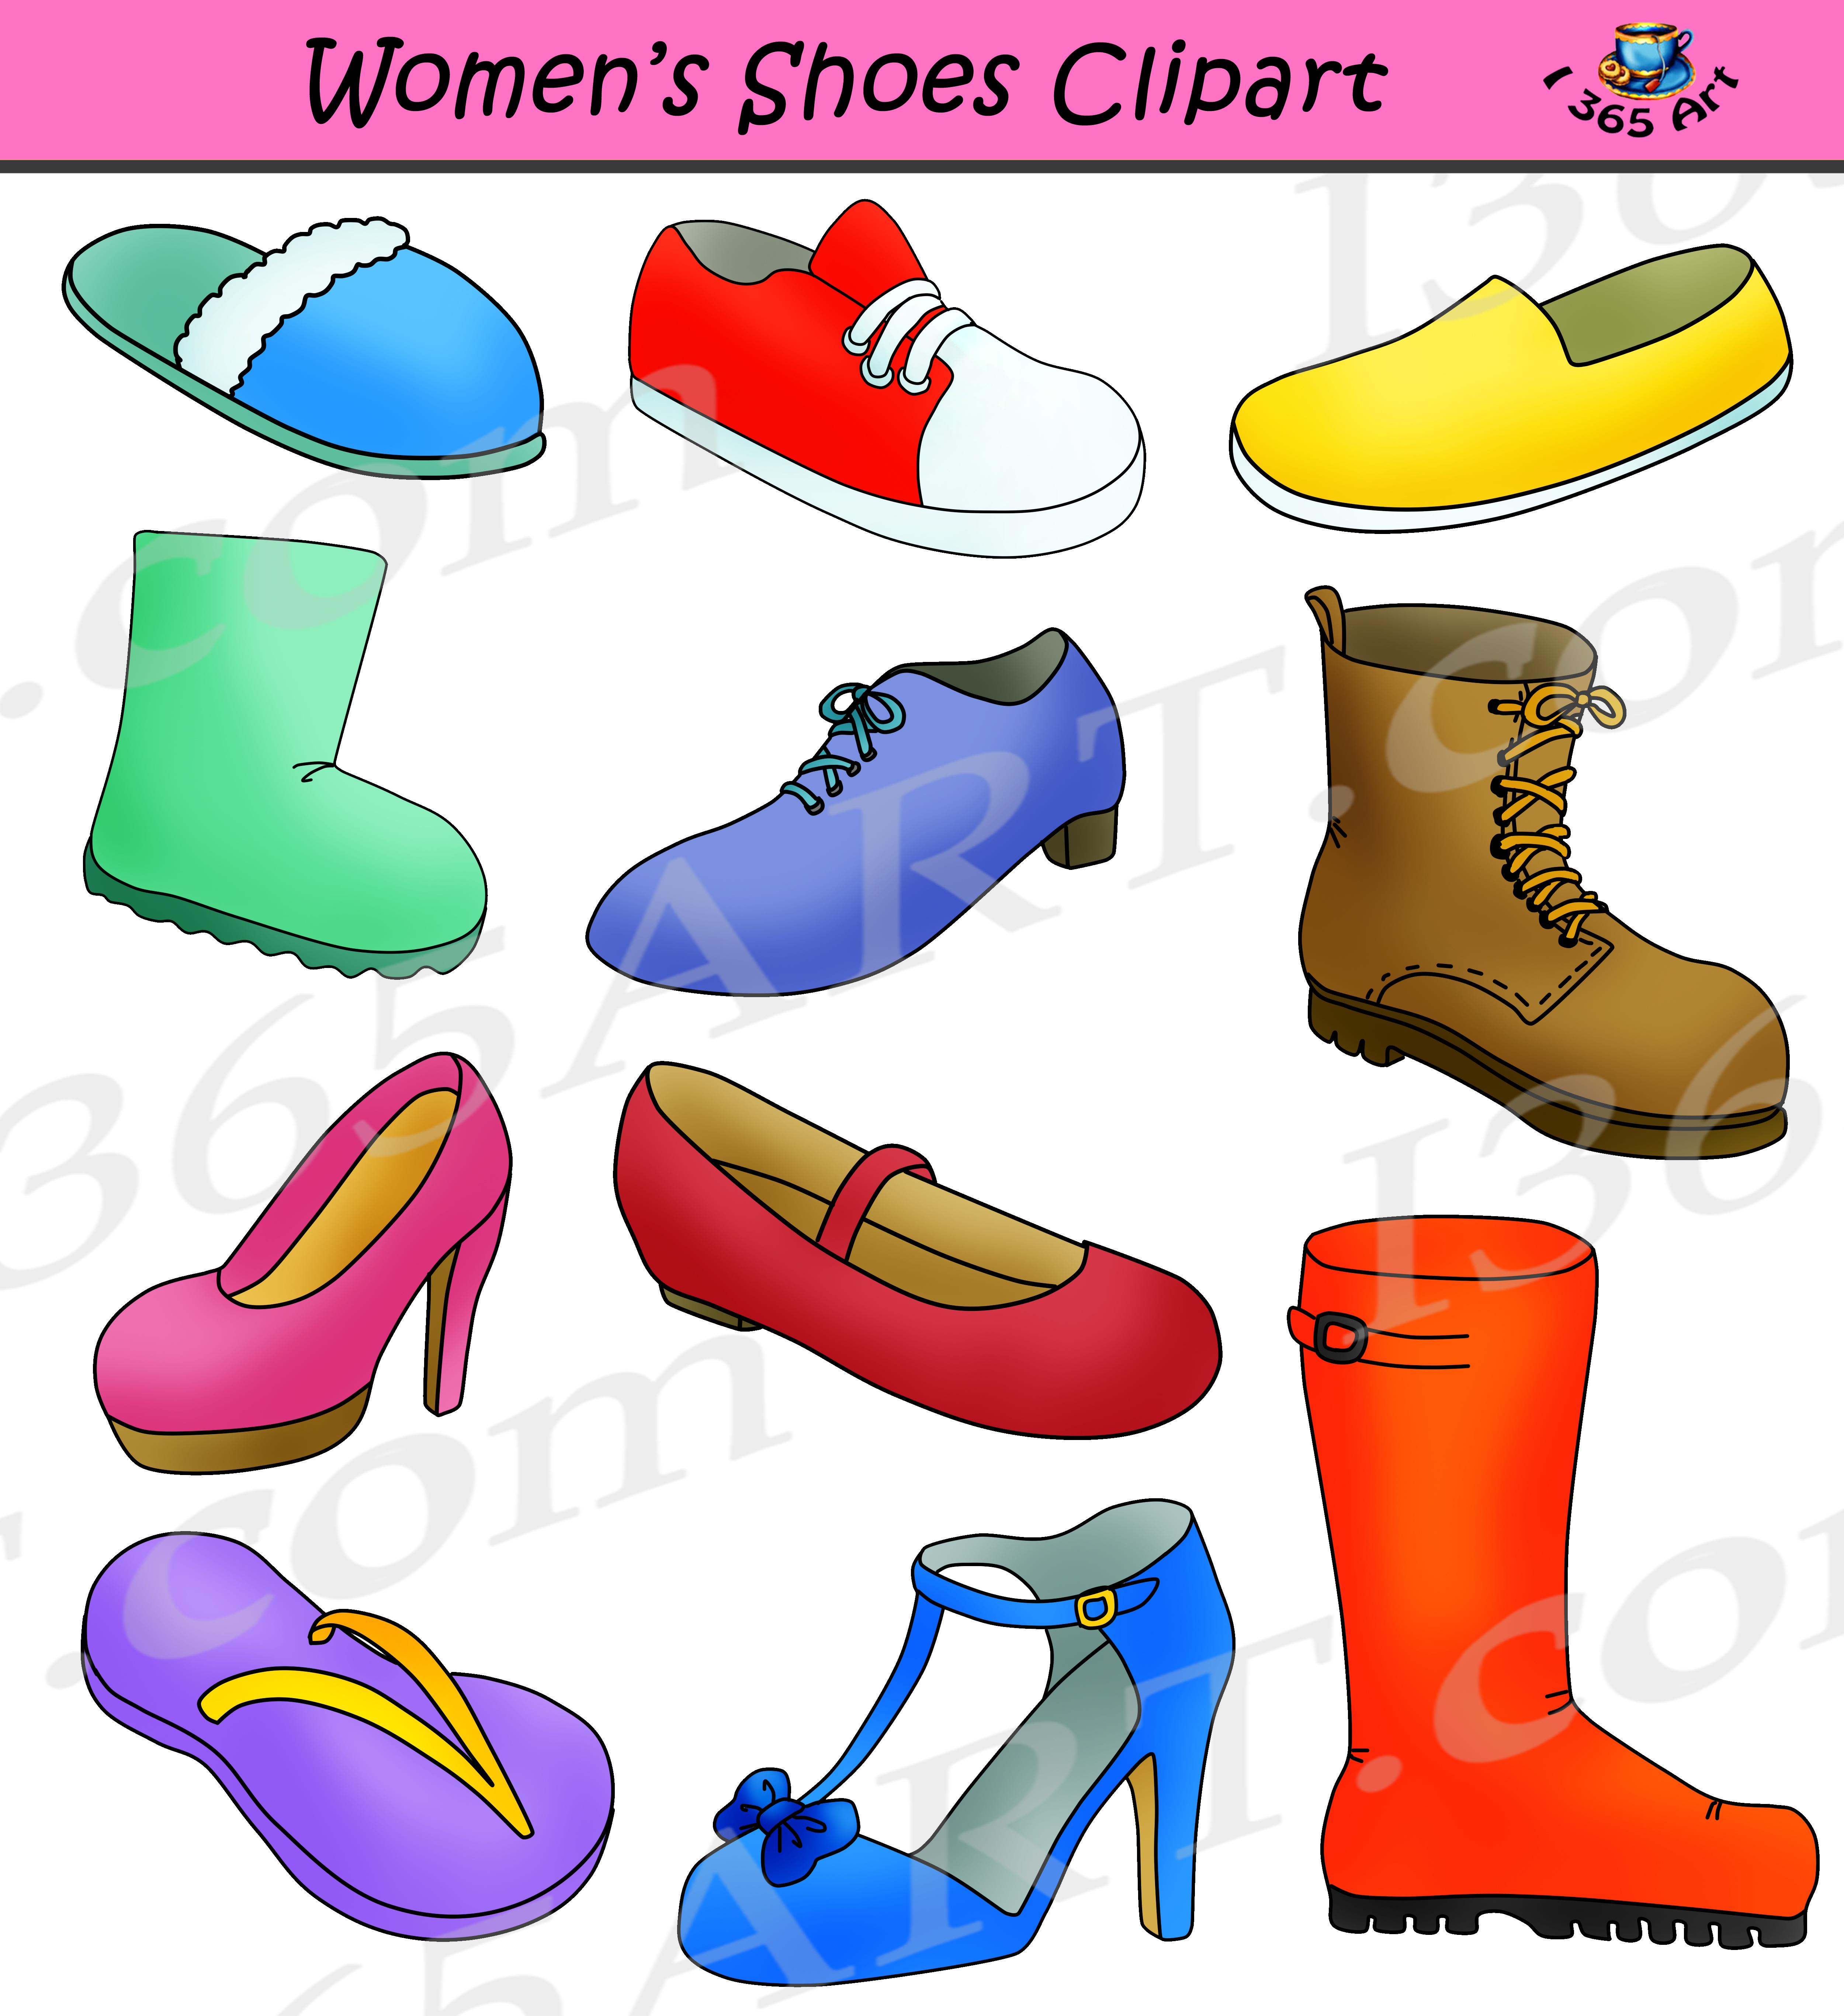 Womens shoes images clipart clip transparent stock Womens Shoes Clipart - Commercial Graphics clip transparent stock